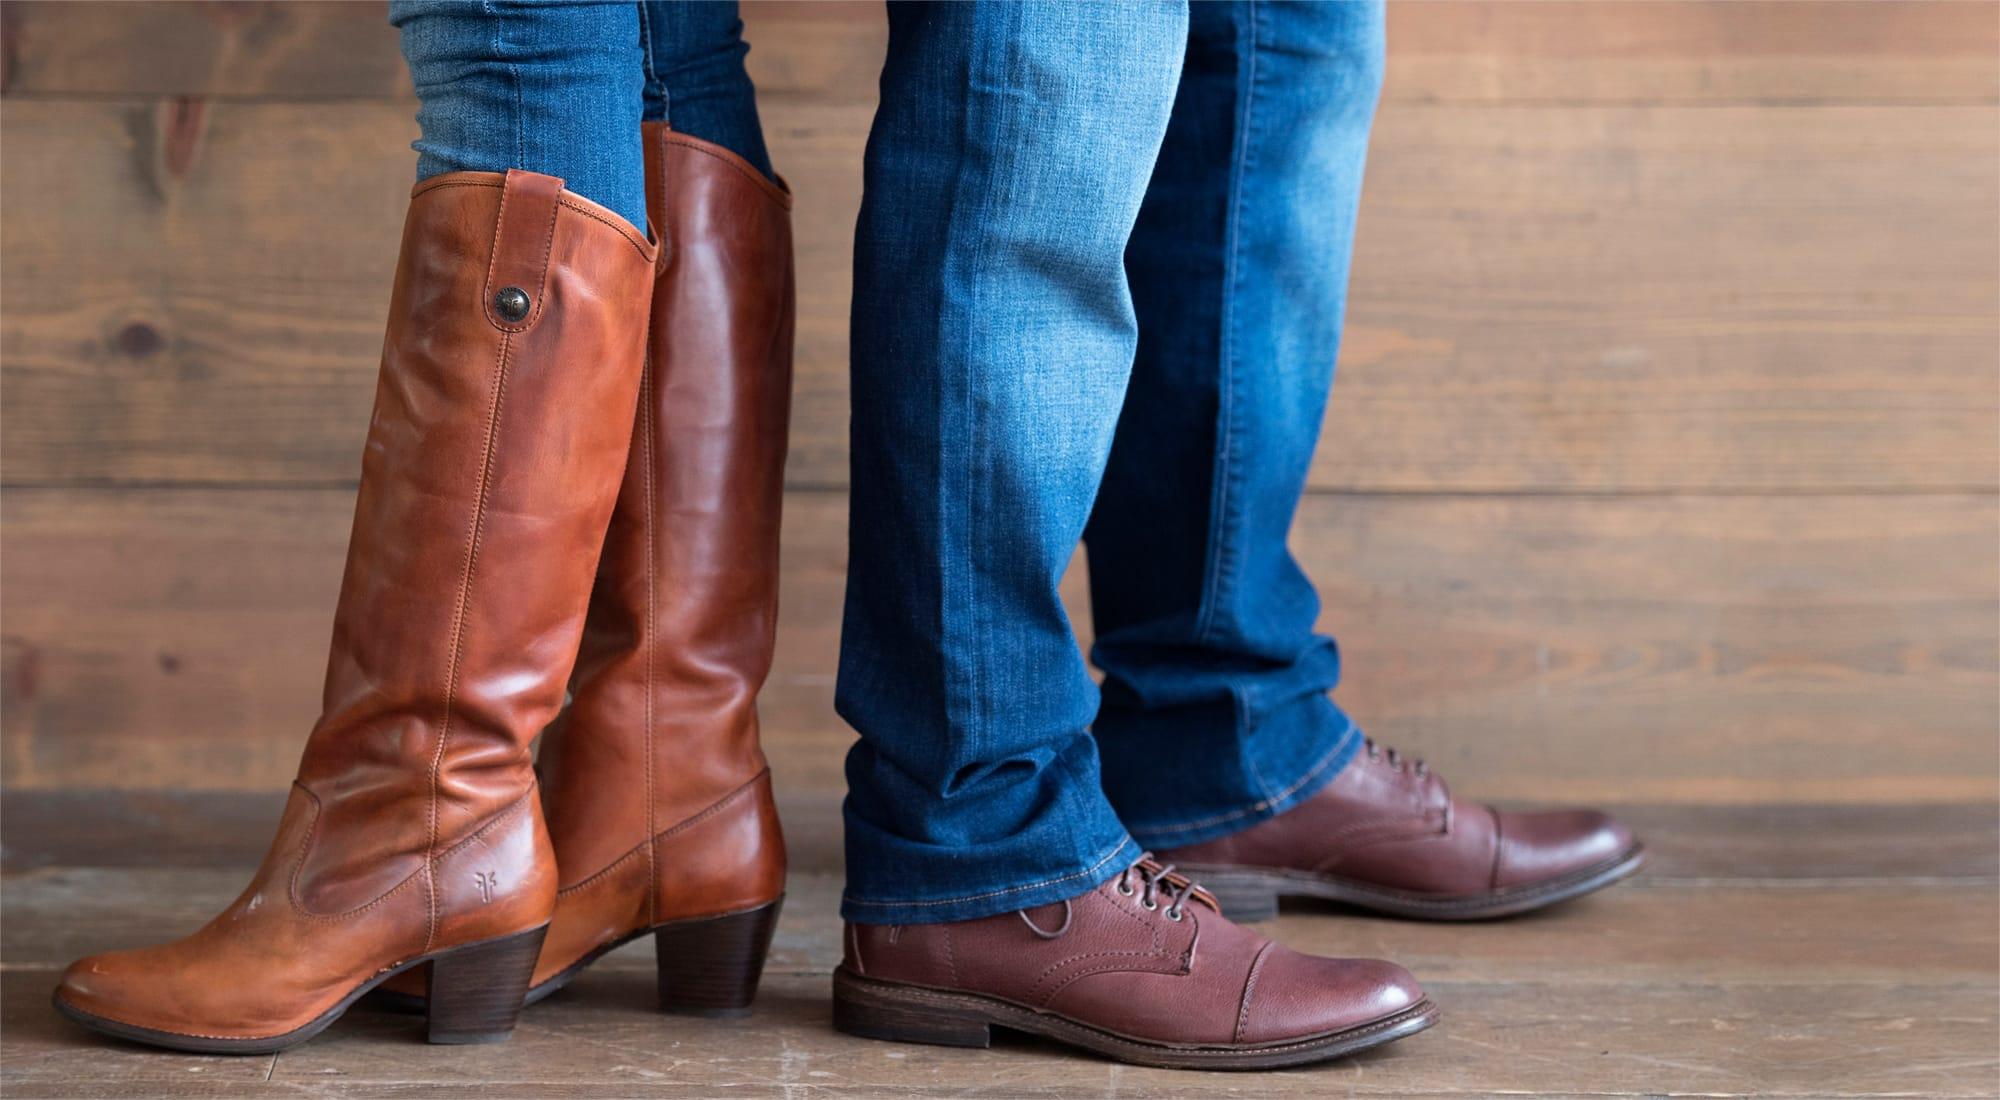 Shop Men's & Women's Boots